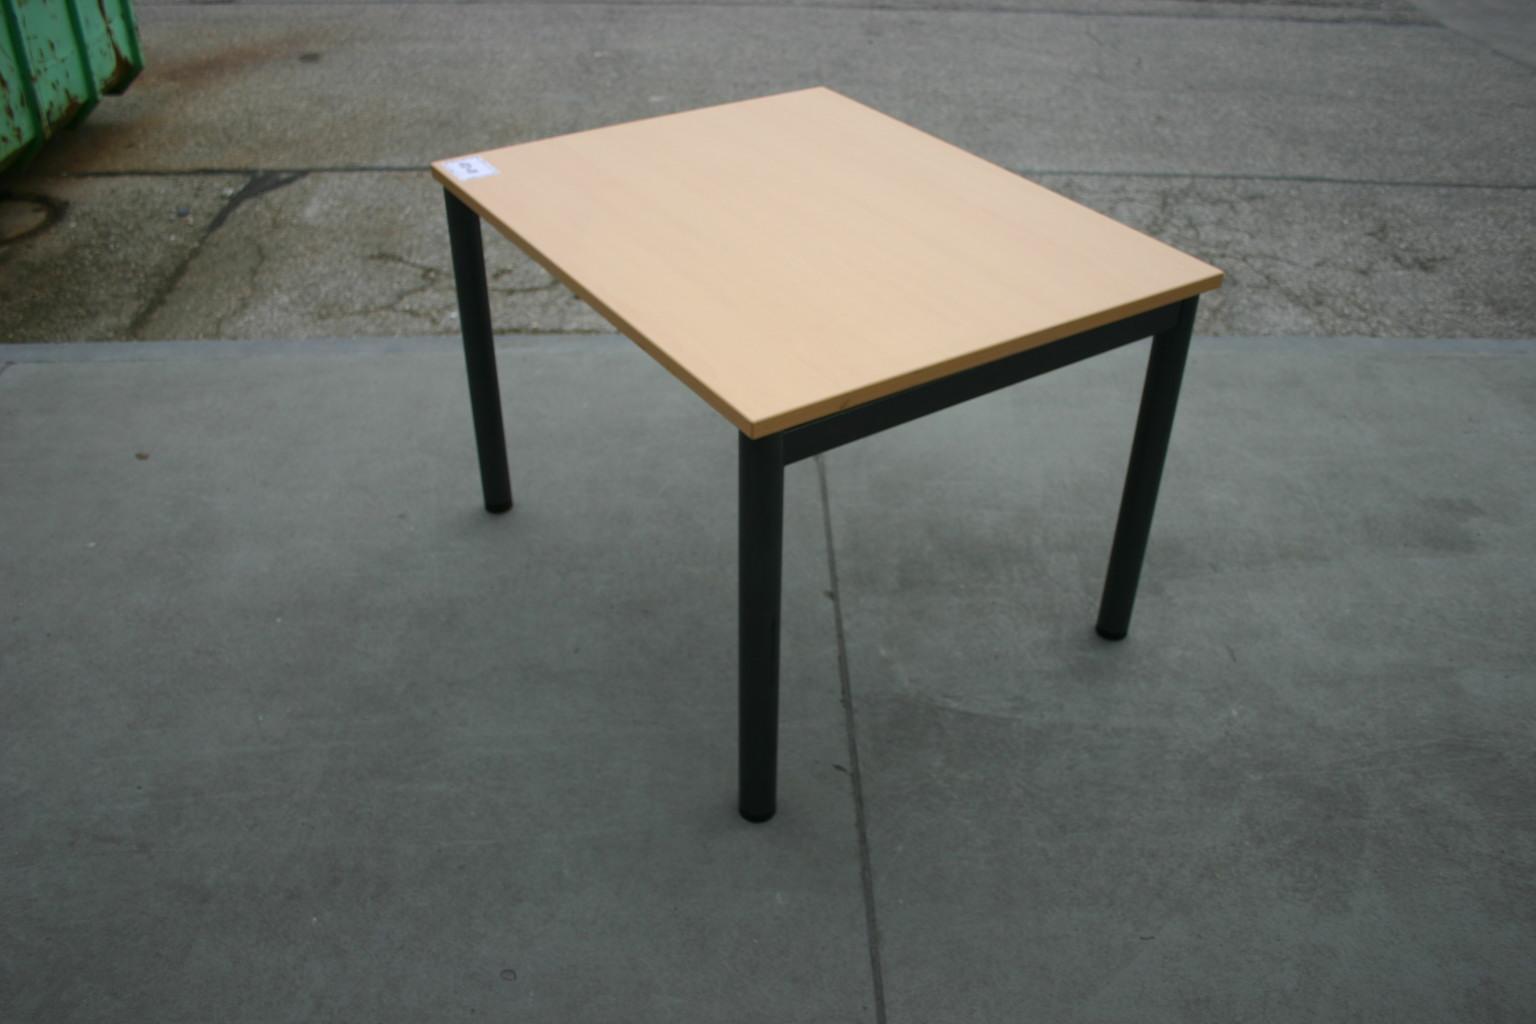 schreibtisch 100 x 80 in ahorn dunkel von steelcase komplettb ros serien unsere kategorien. Black Bedroom Furniture Sets. Home Design Ideas